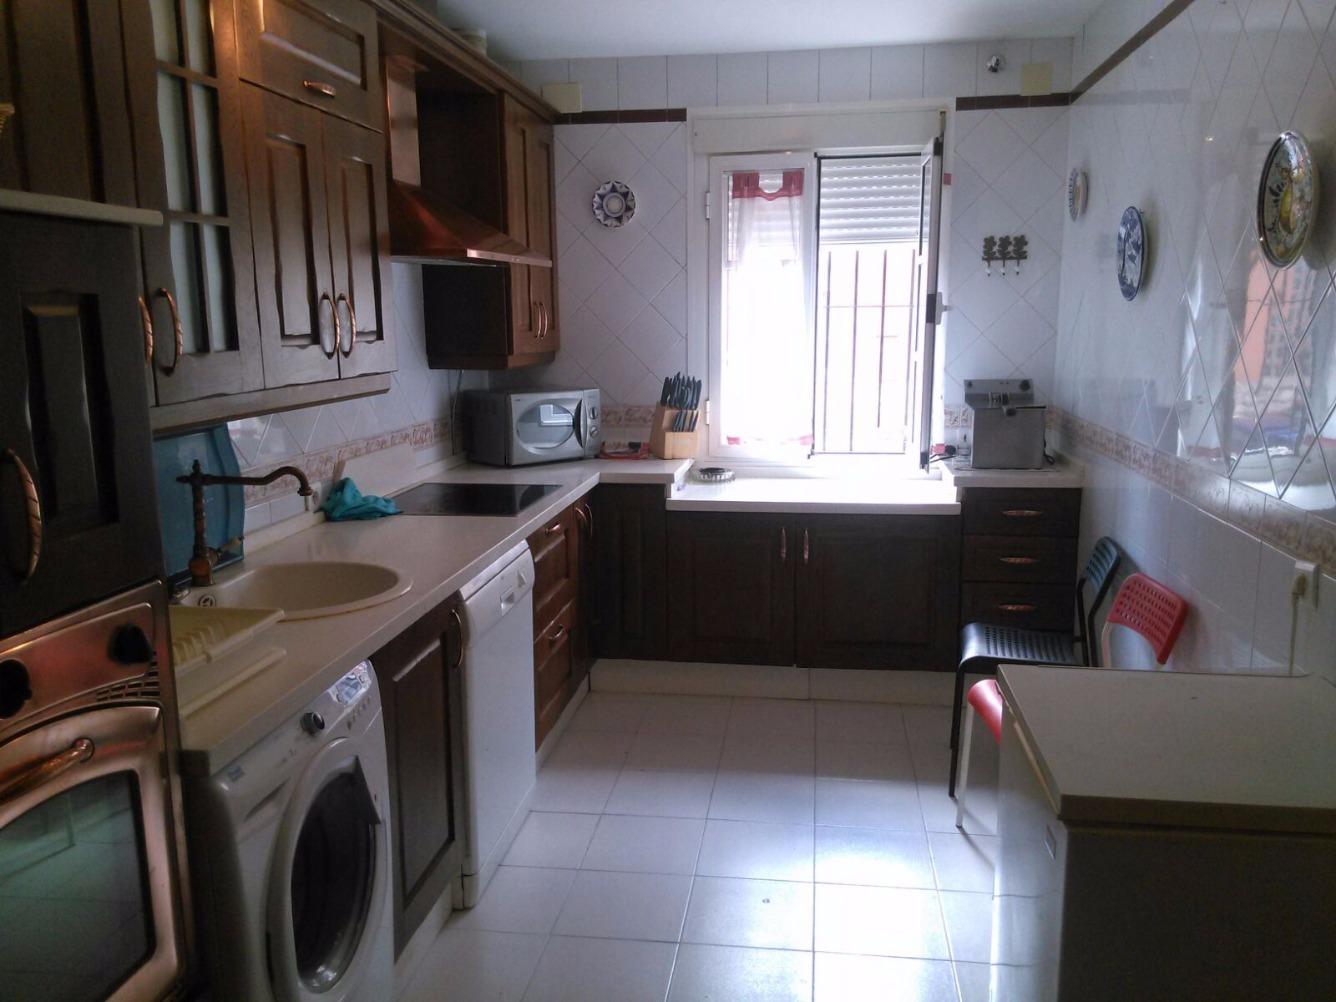 Muebles de cocina segunda mano en sevilla - Cocina de segunda mano en sevilla ...